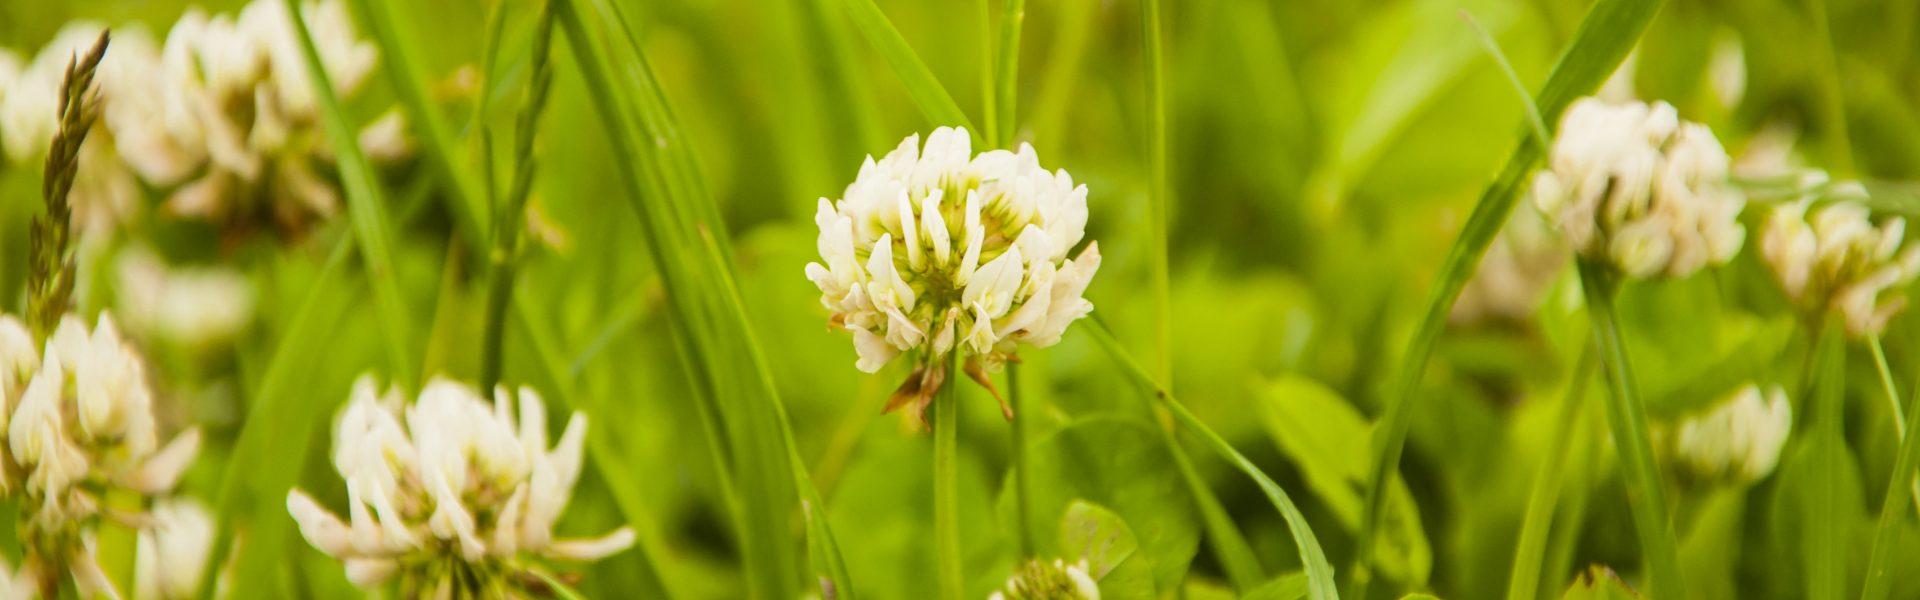 trefle blanc